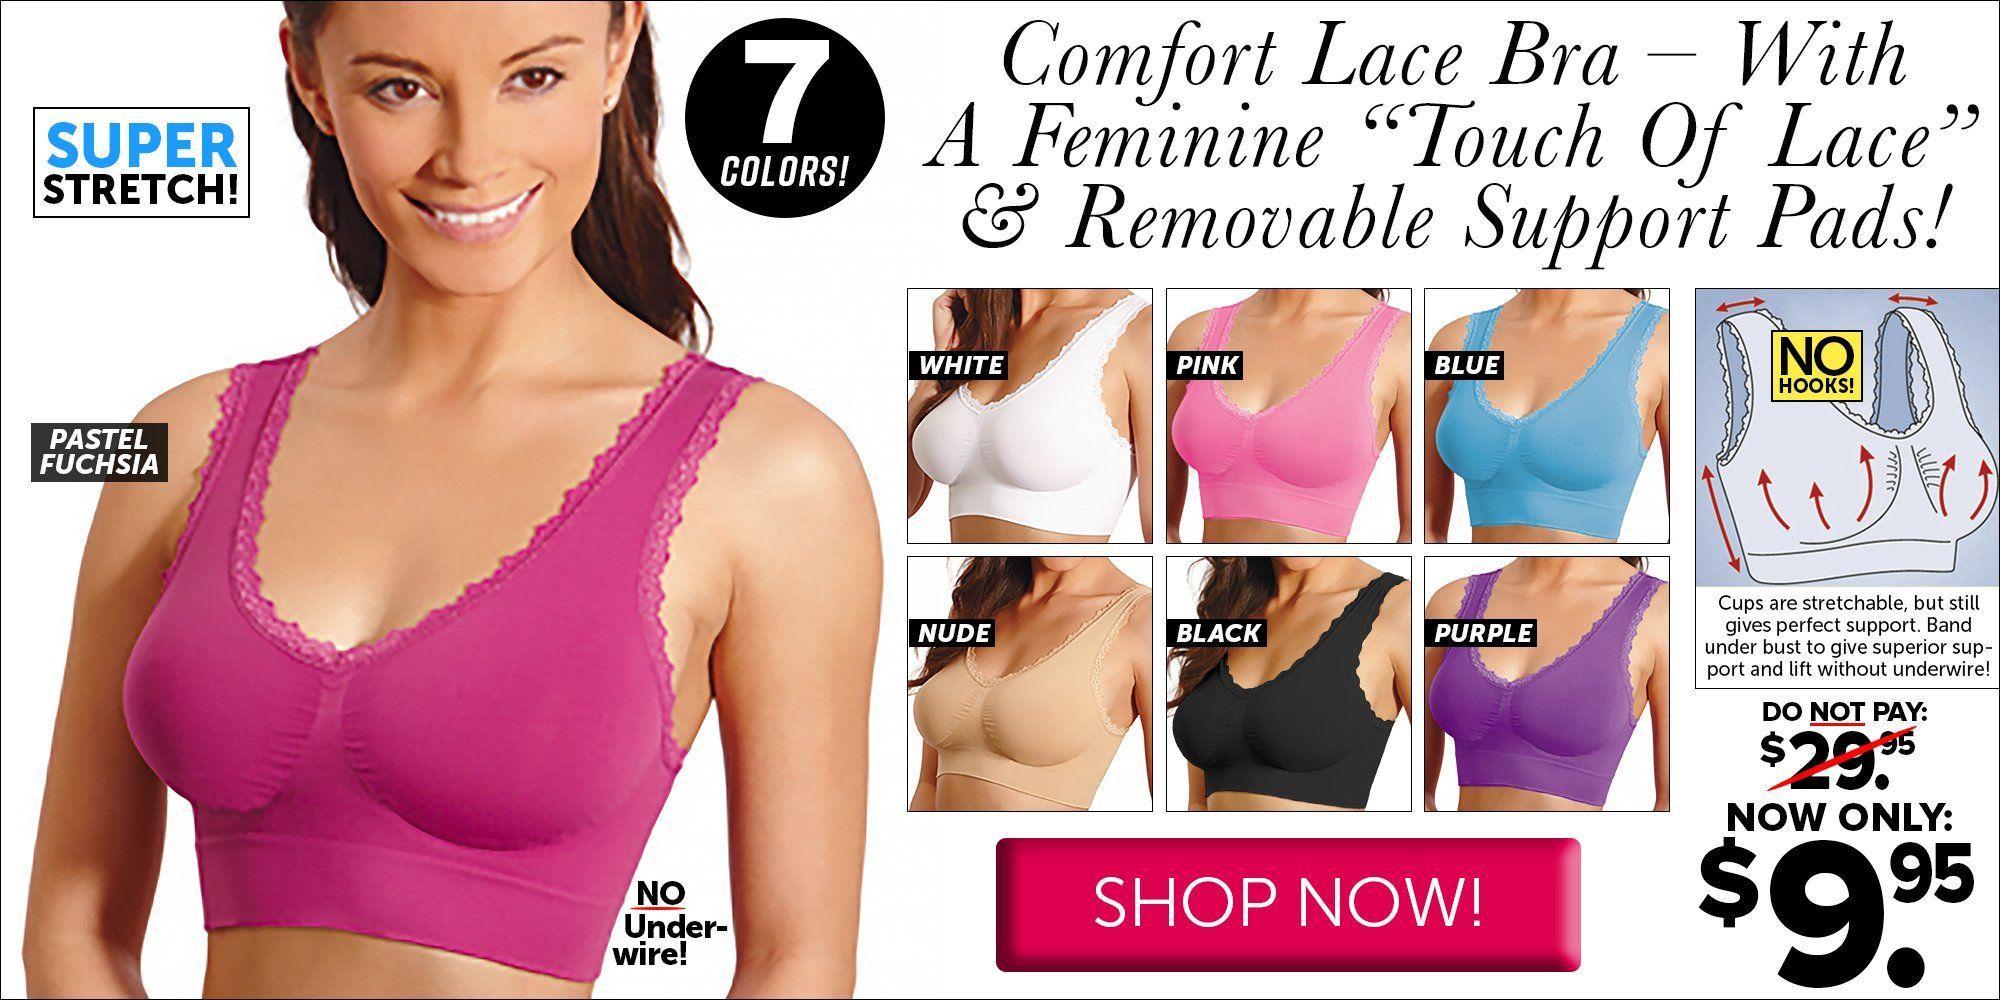 4c3eadf370 Comfort Lace Bra - White